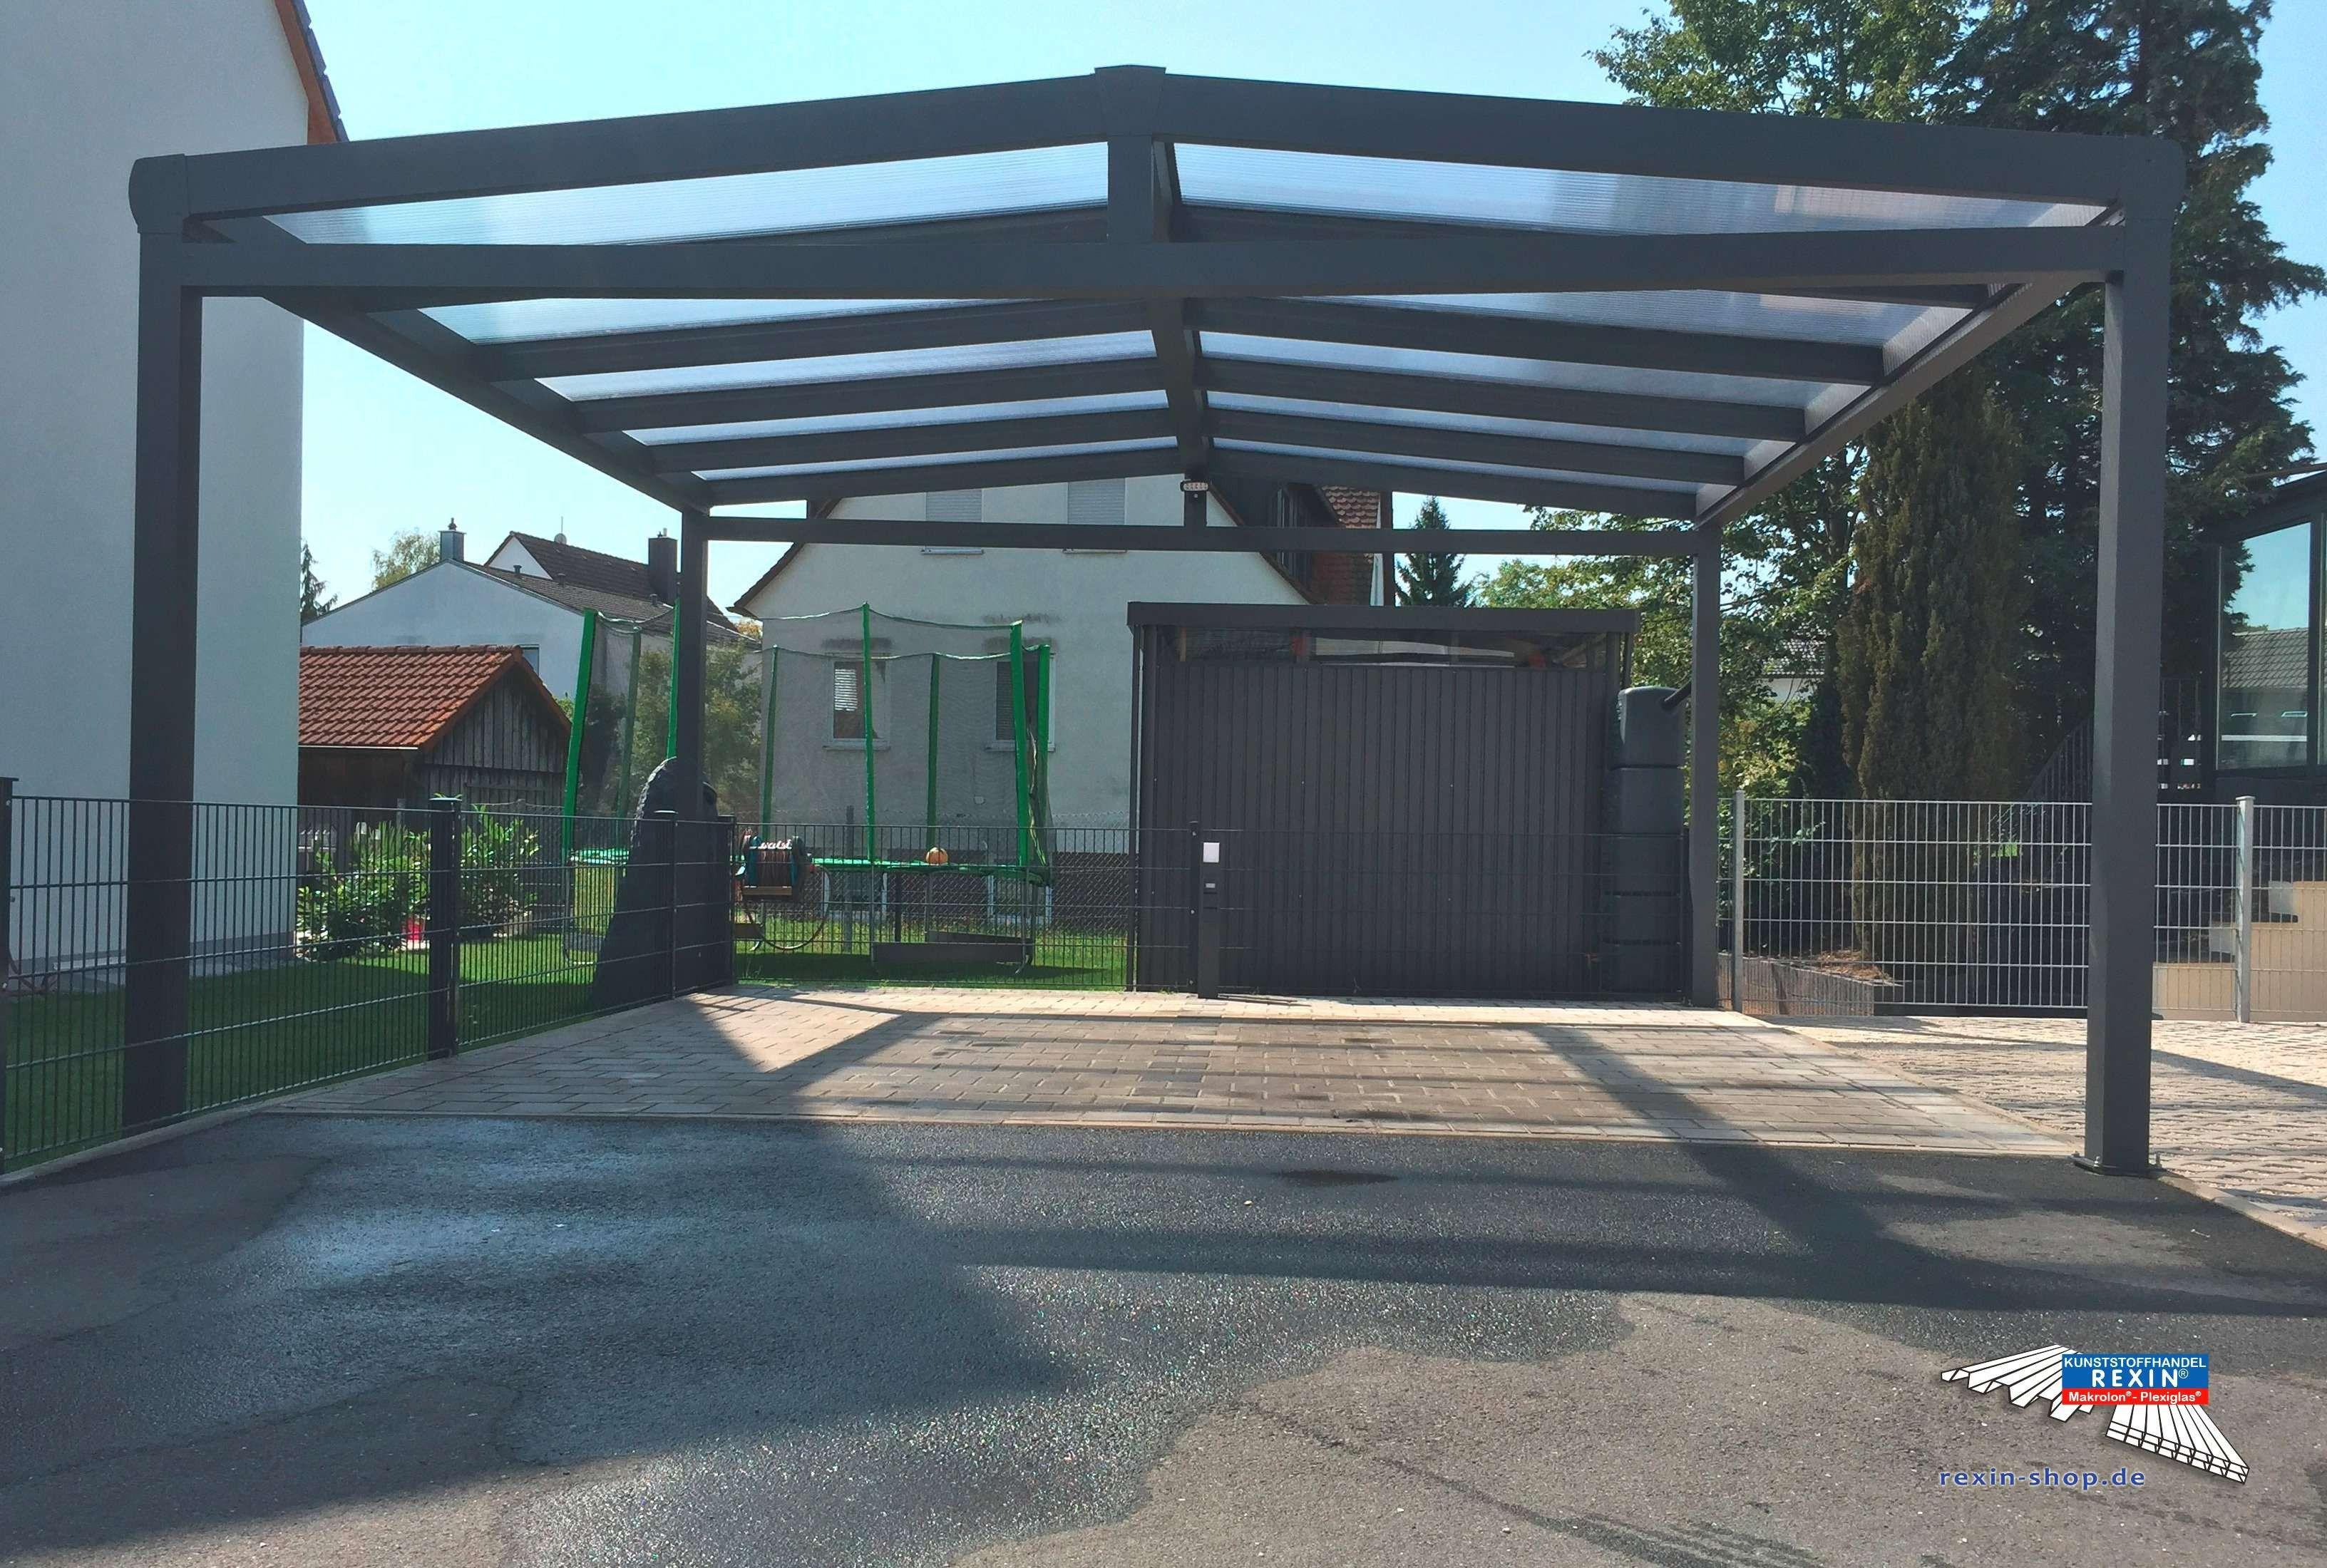 Ideen 40 Zum Pergola Bausatz Freistehend Pergola Bausatz Alu Carport Pergola